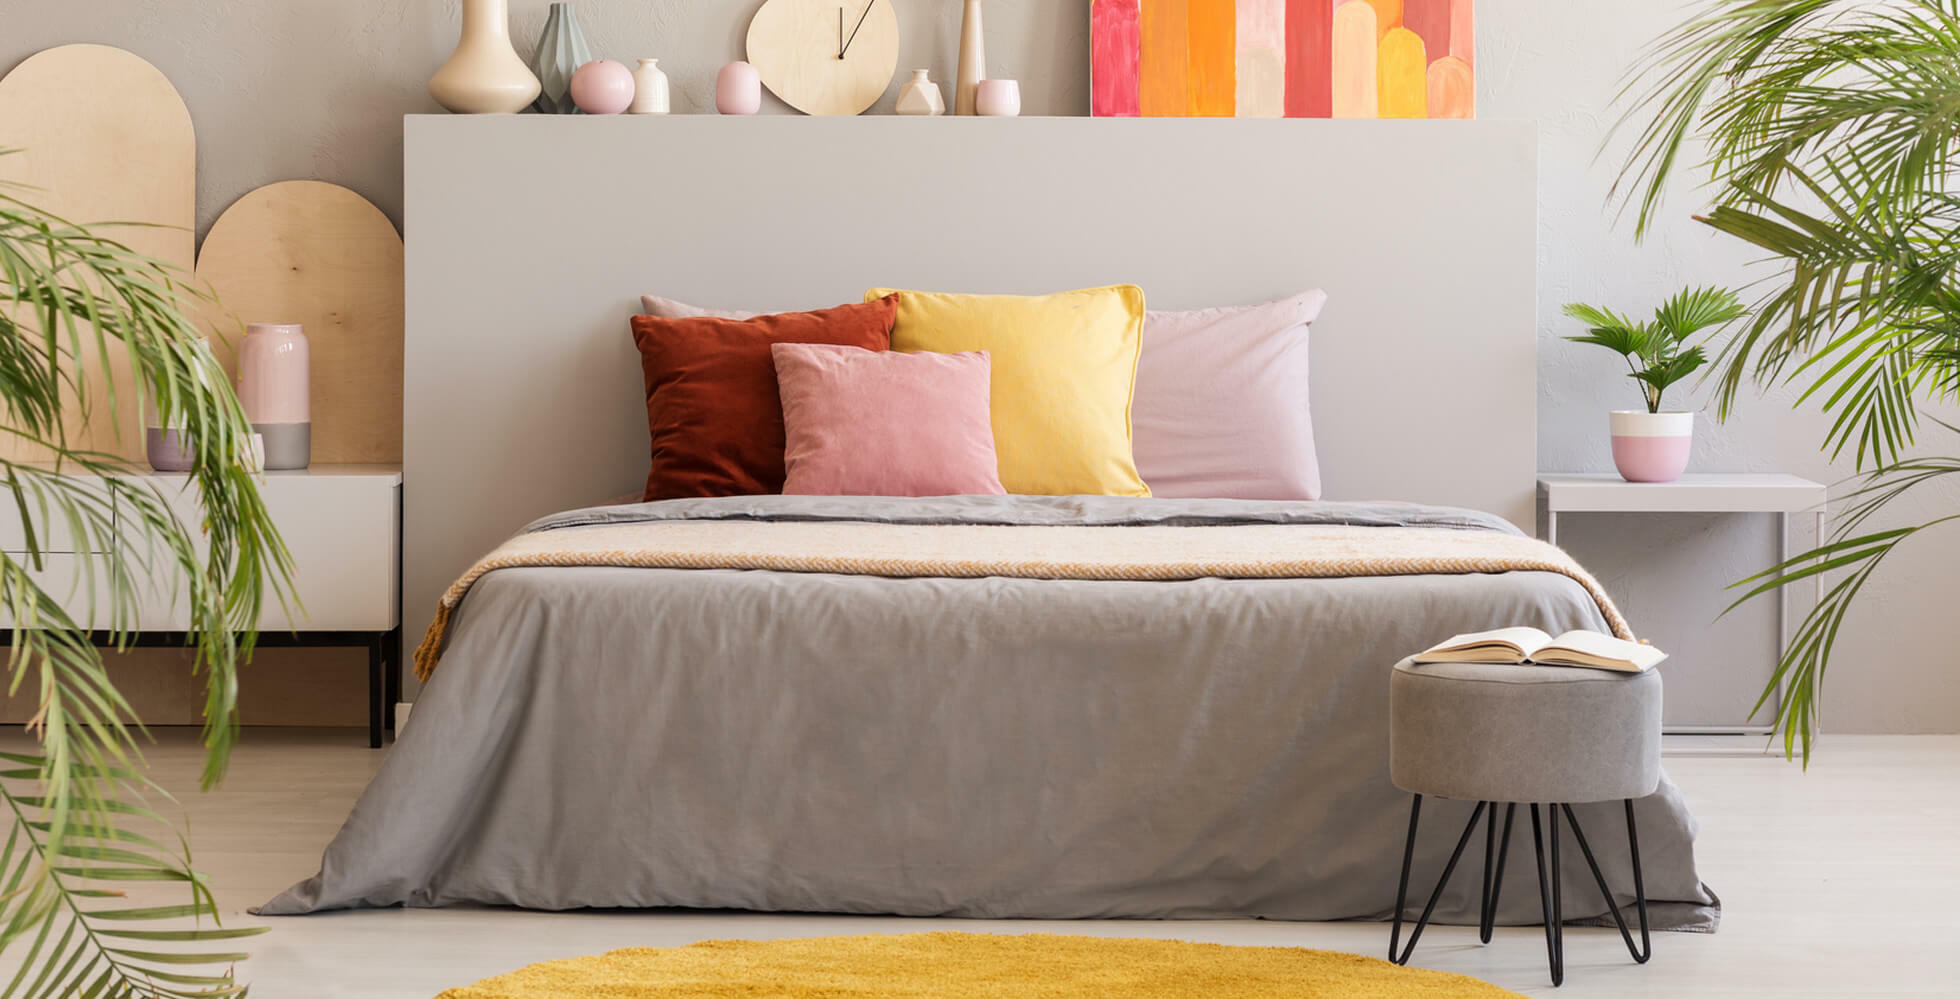 cama con acumulamiento de cojines coloridos